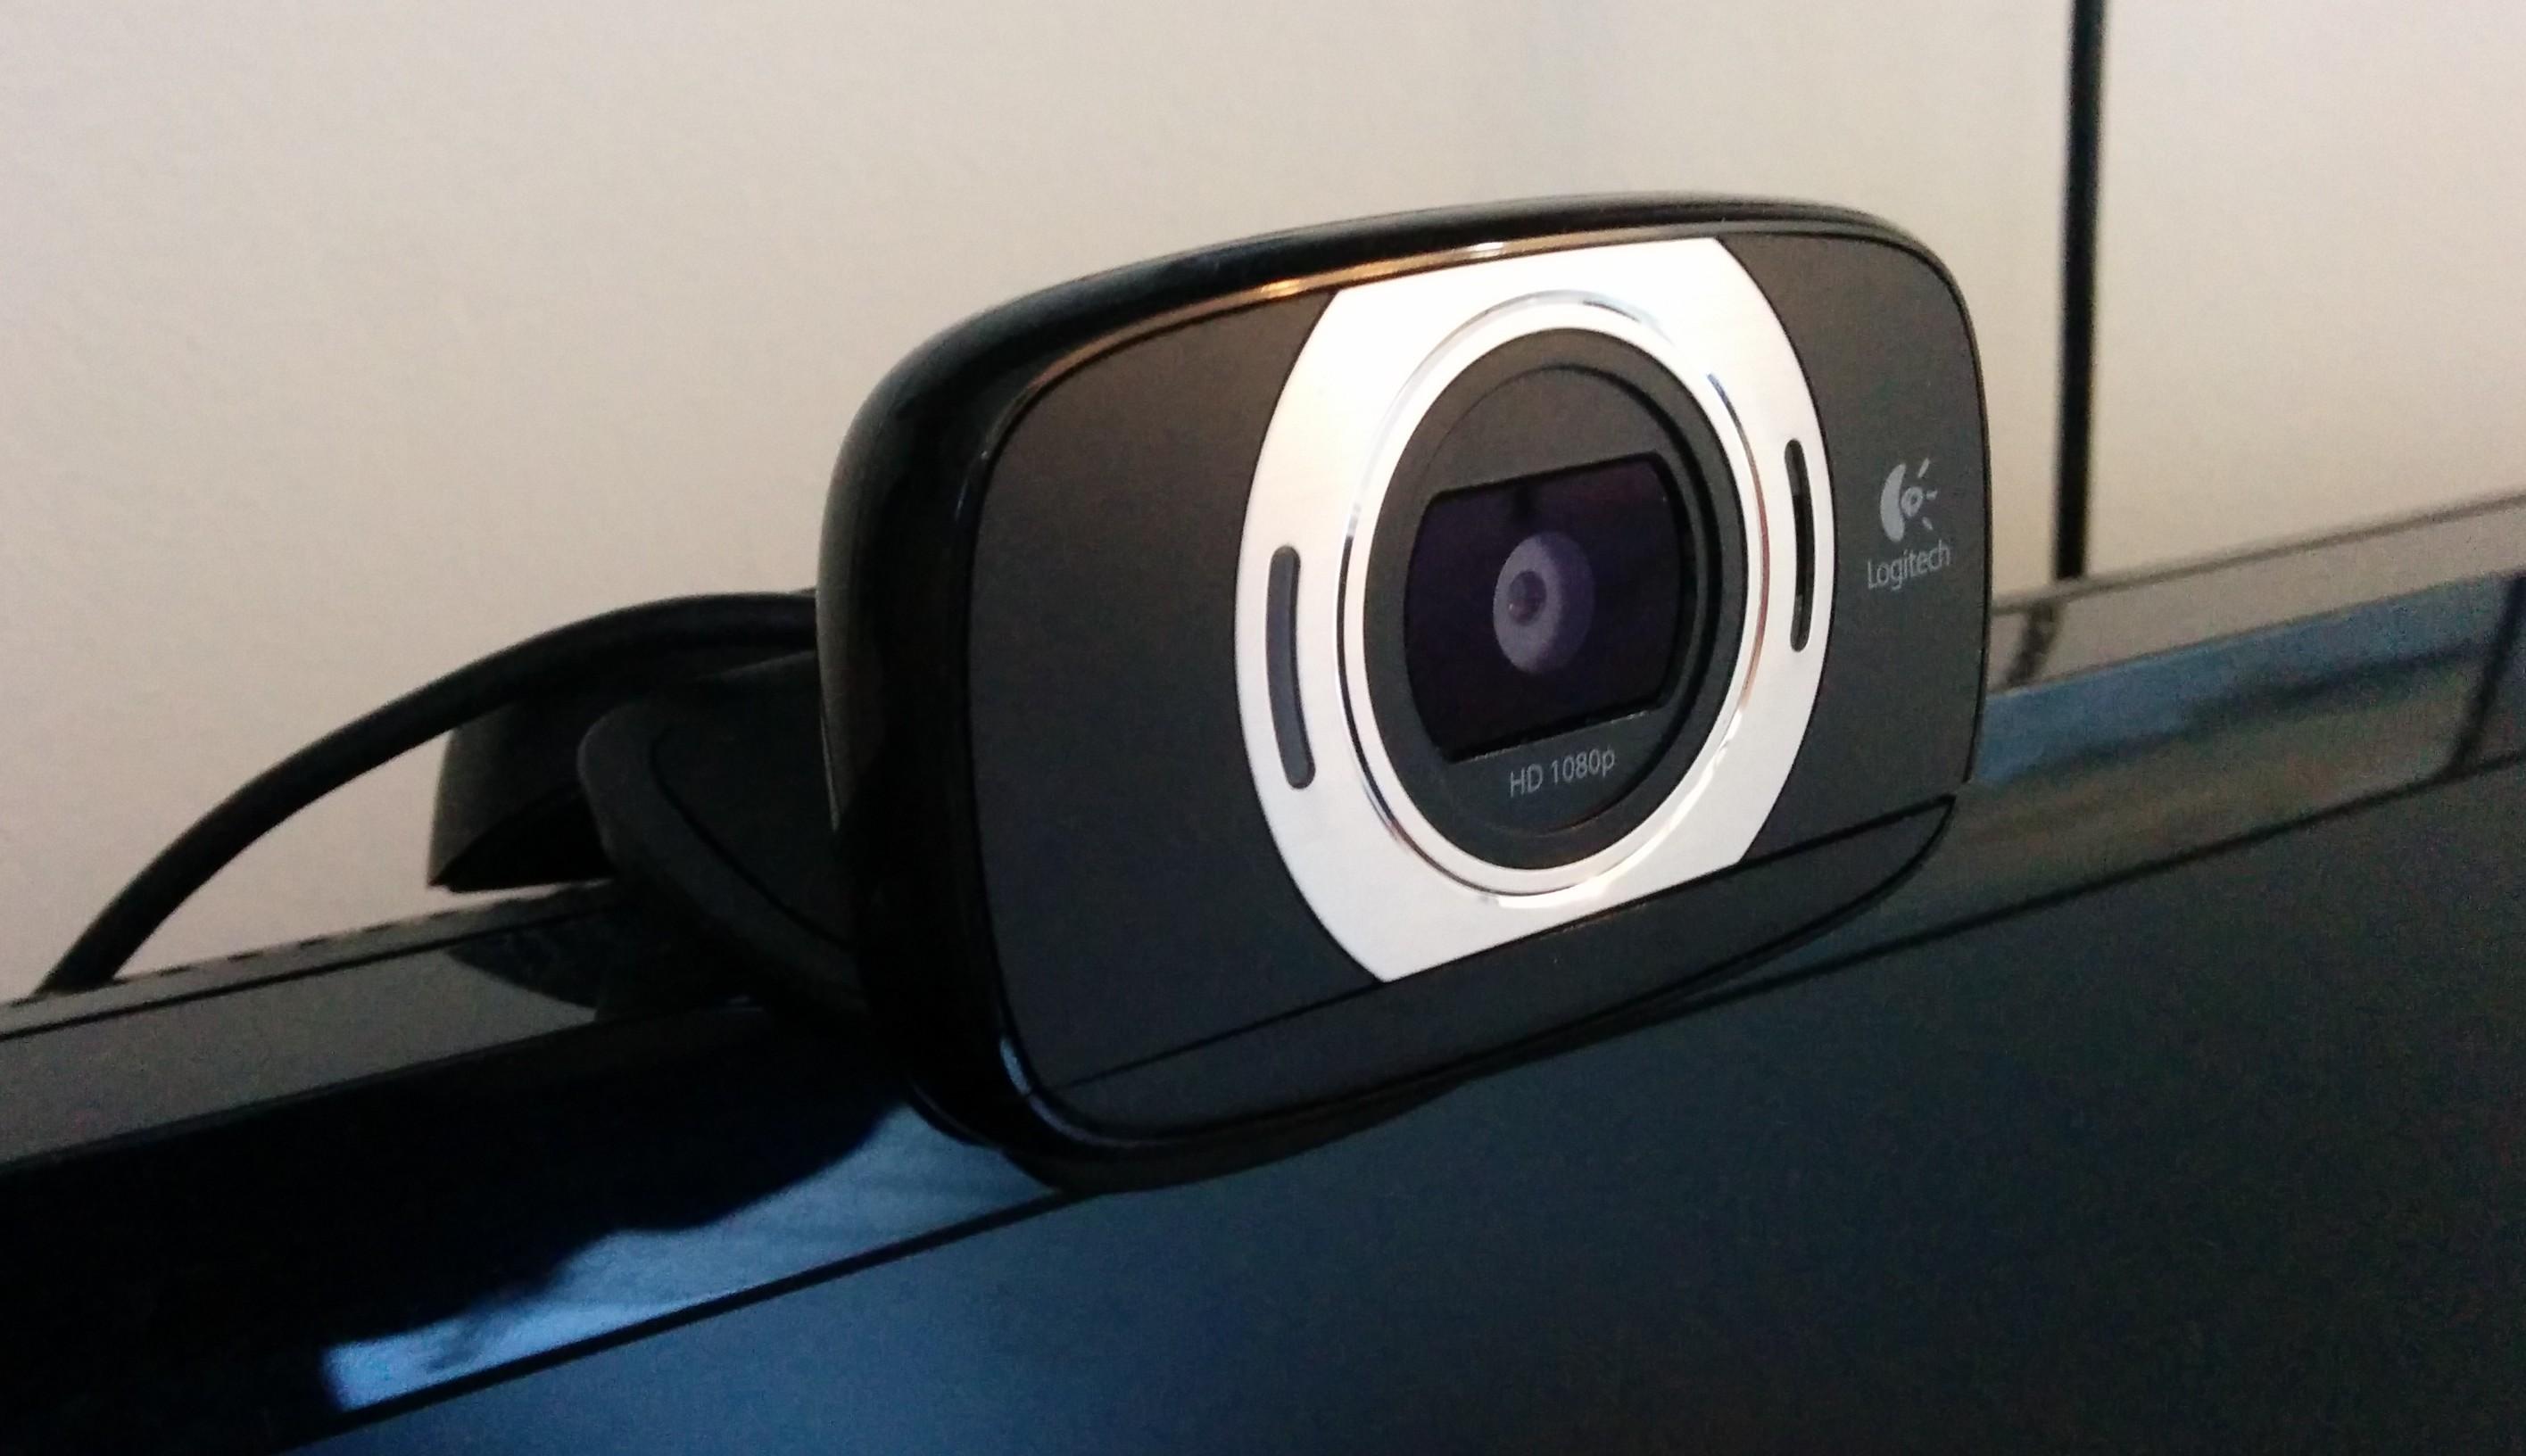 The Best Webcam Deals